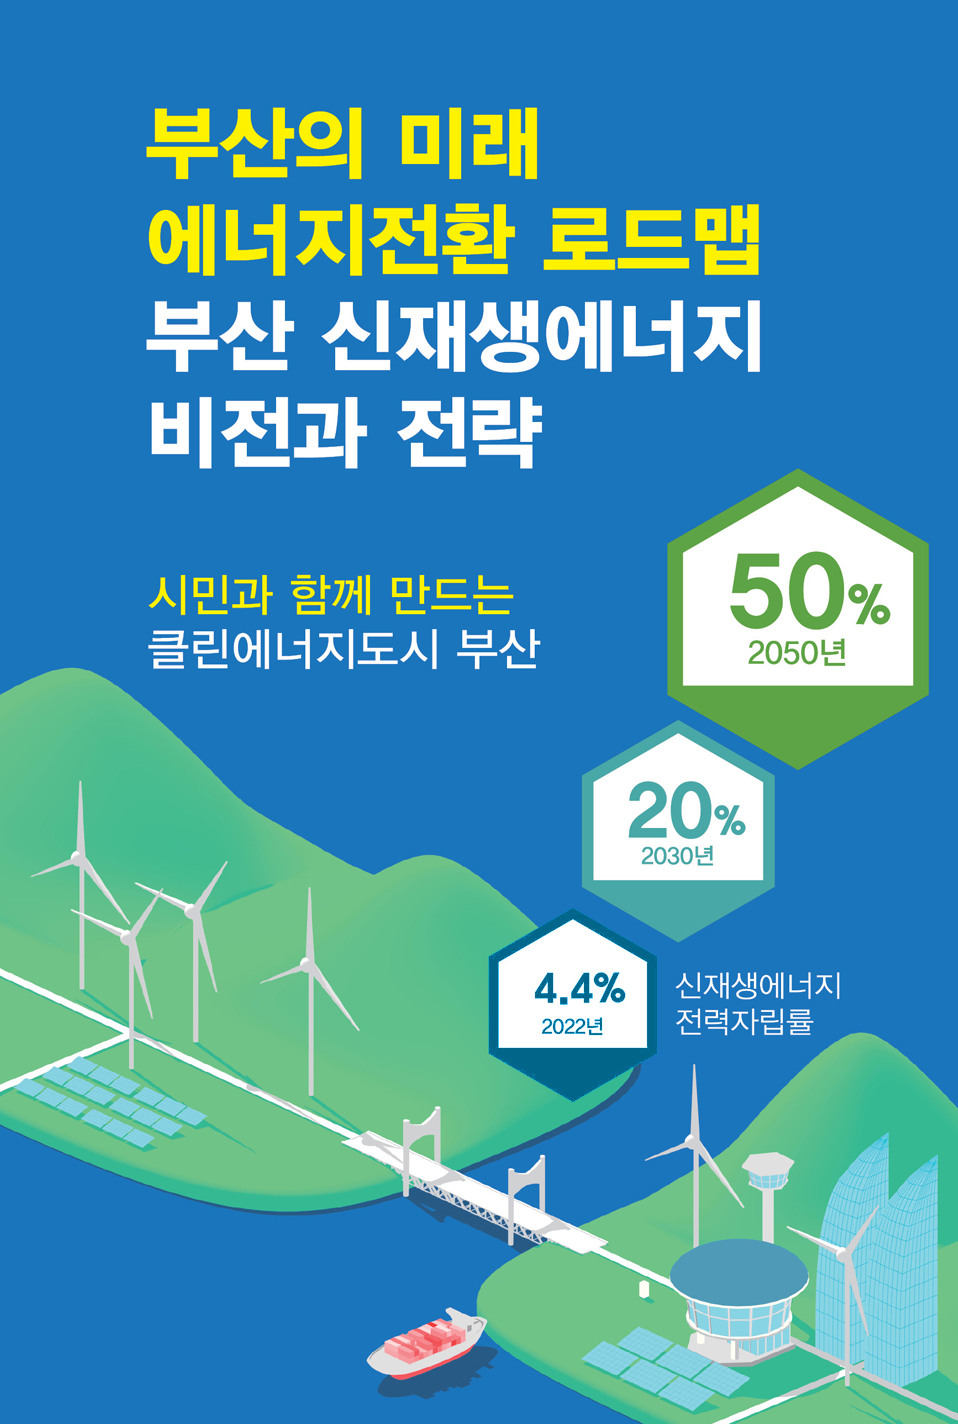 부산의 미래 에너지전환 로드맵 부산 신재생에너지 비전과 전략 시민과 함께 만드는 클린에너지도시 부산 신재생에너지 전력자립률 2022년 4.4% 2030년 20% 2050년 50%